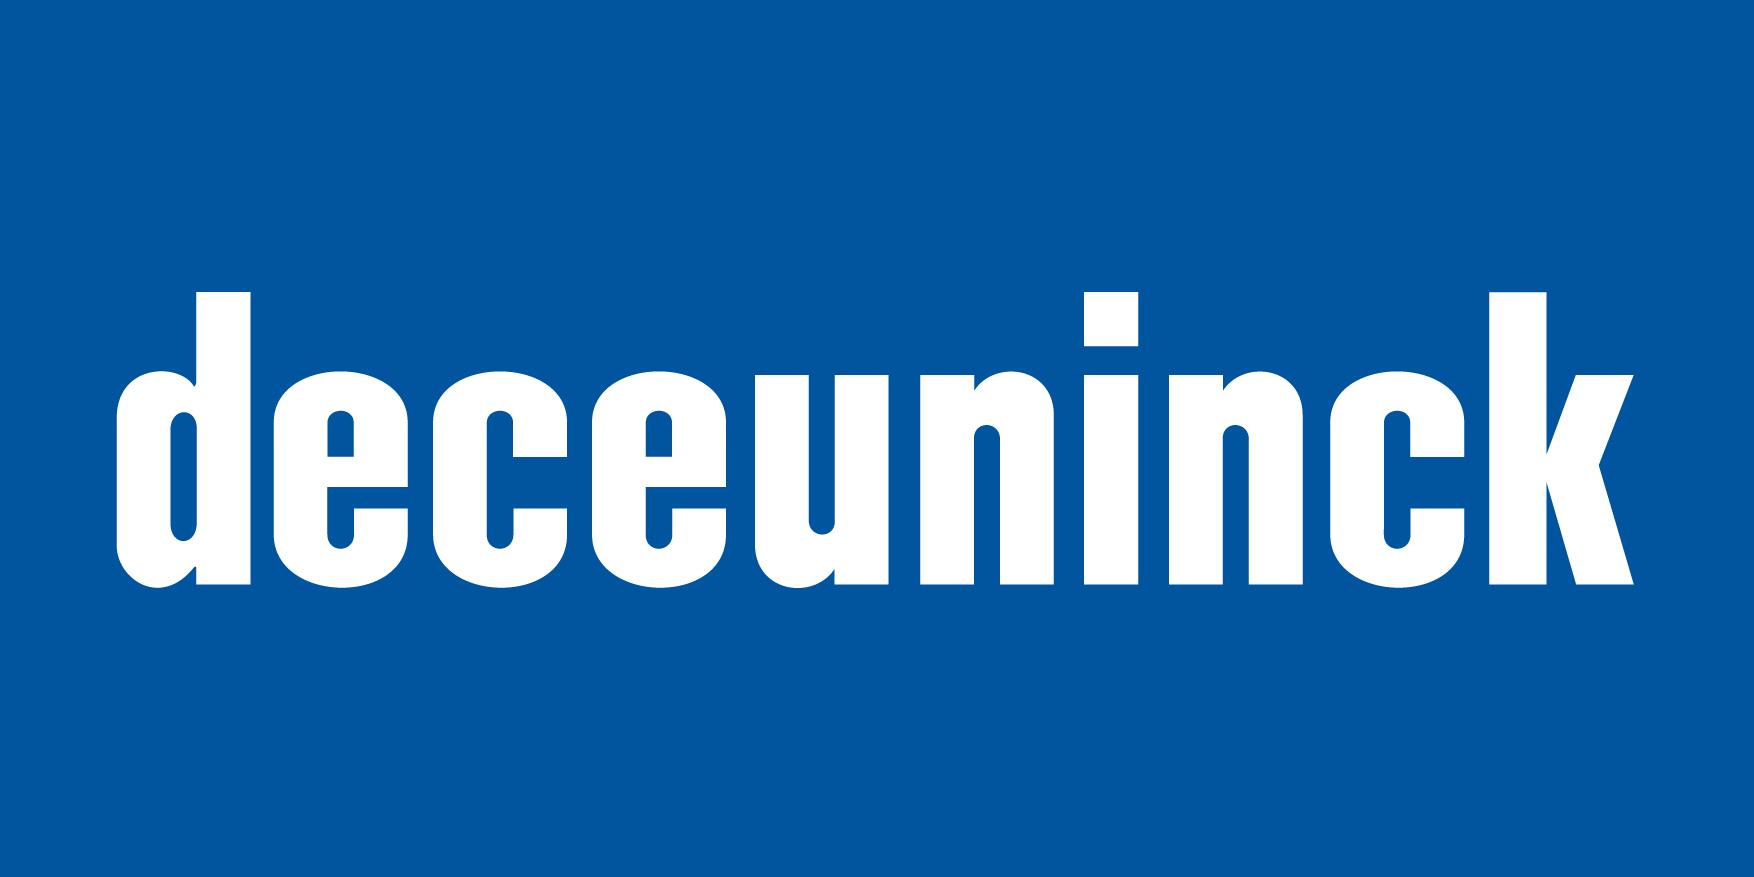 logo-DECEUNINCK